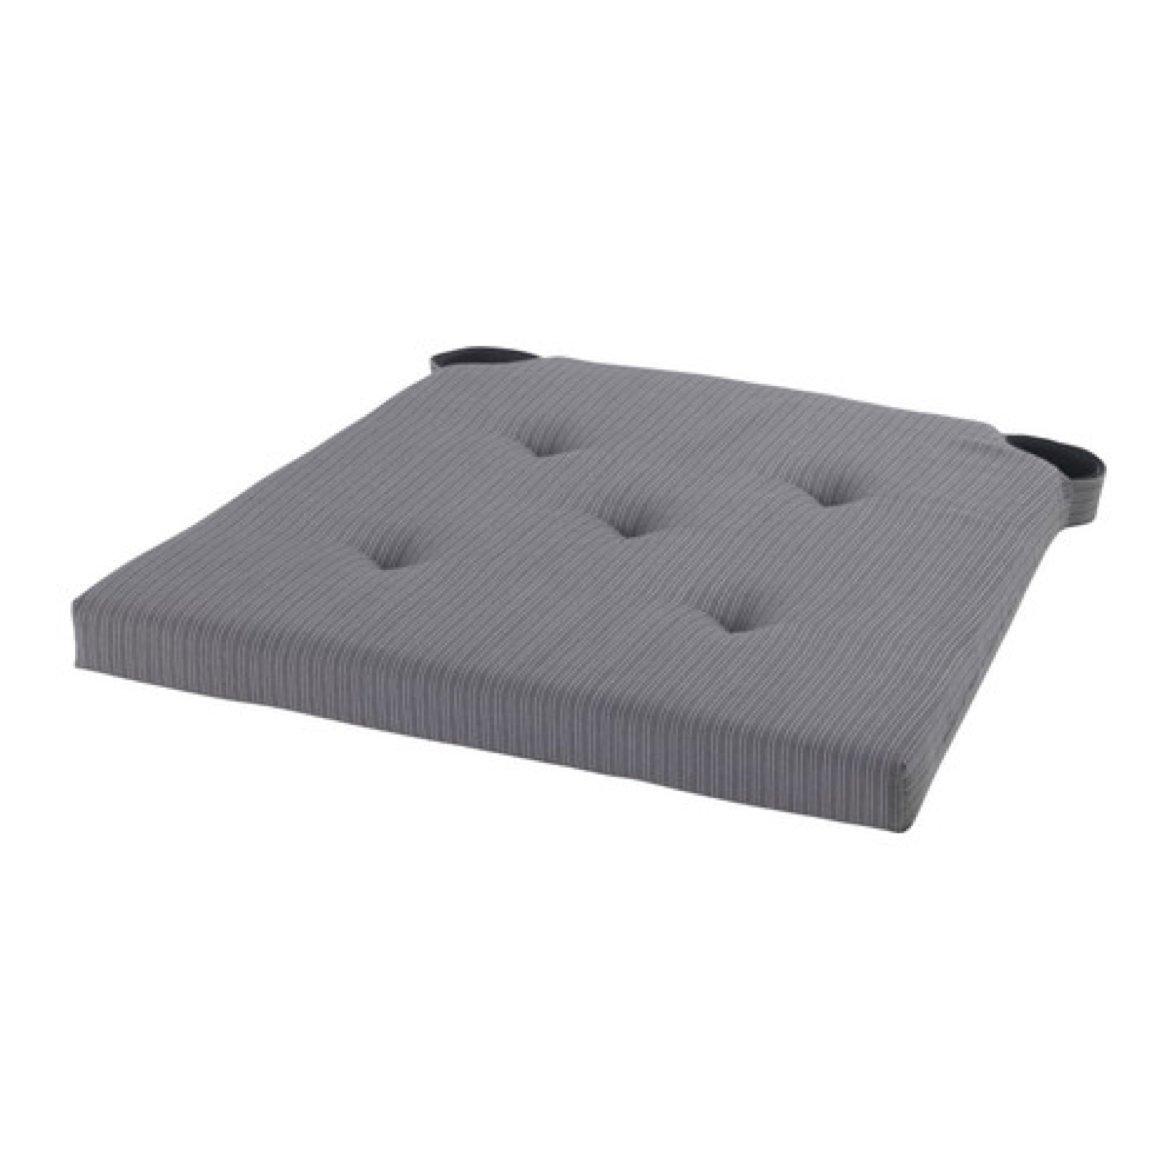 IKEA 503.078.37 Justina Chair Pad Natural